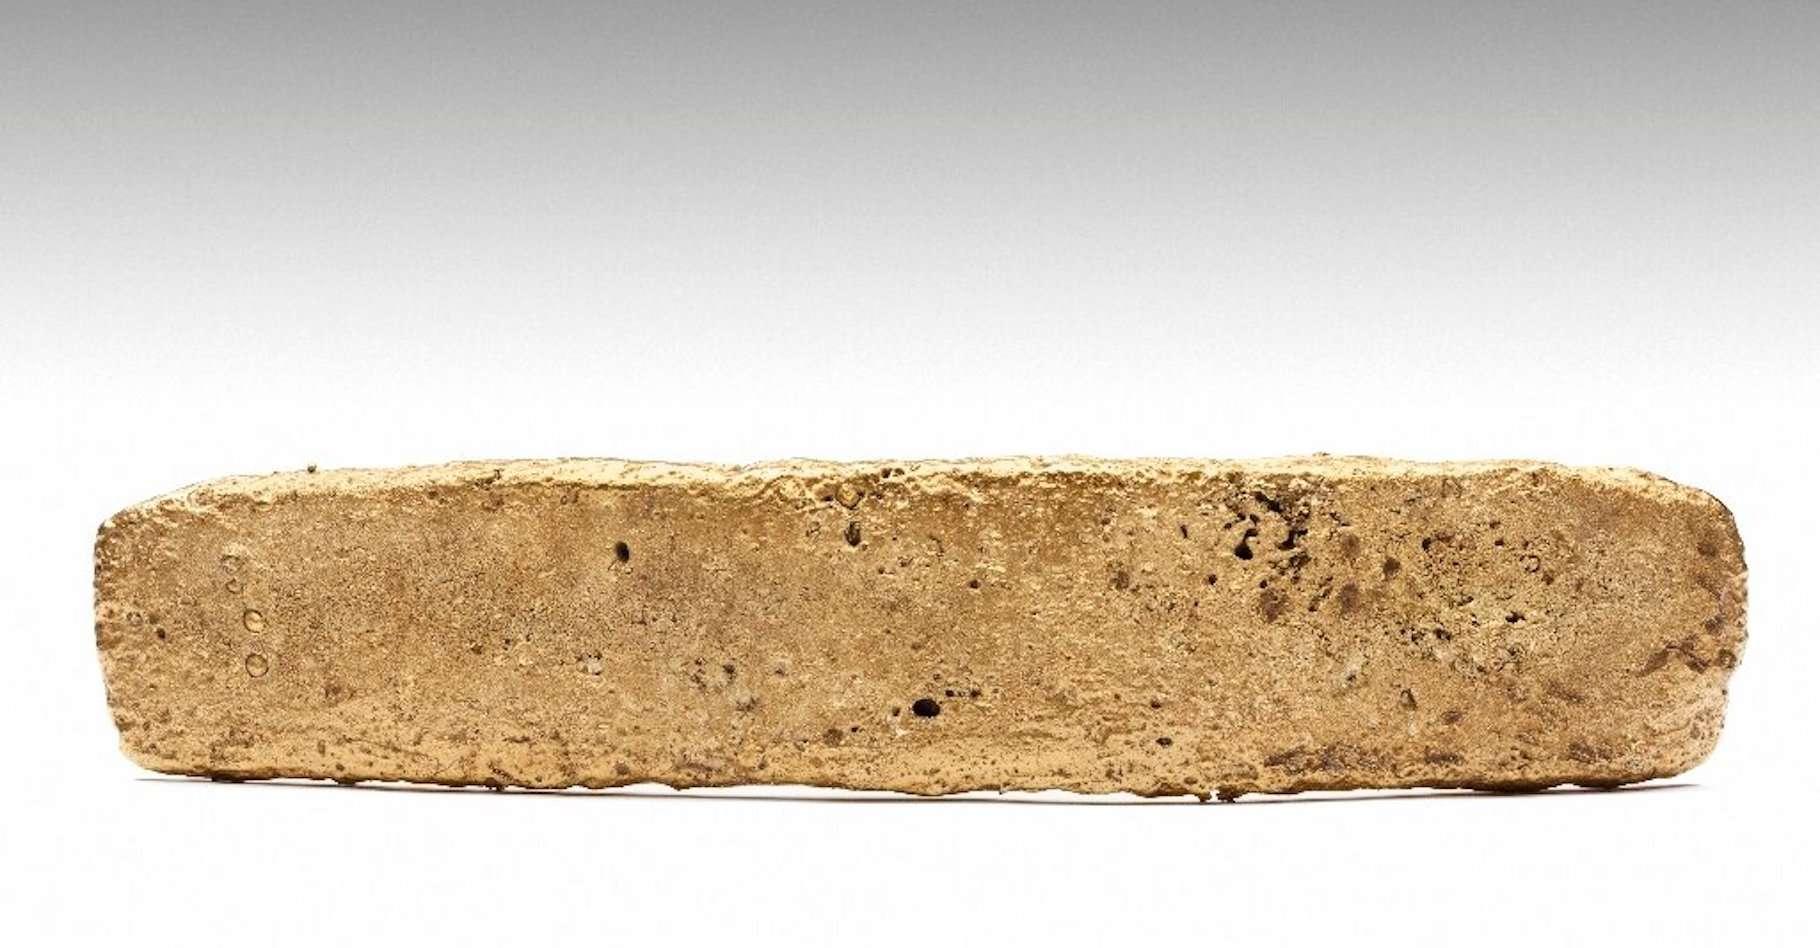 En 1981, un ouvrier a trouvé un lingot d'or à Mexico, à l'endroit même où passait la route empruntée par les conquistadors espagnols pour fuir les Aztèques en juin 1520. Des analyses confirment que ce lingot appartenait au trésor aztèque. © National Institue of Anthropology and History